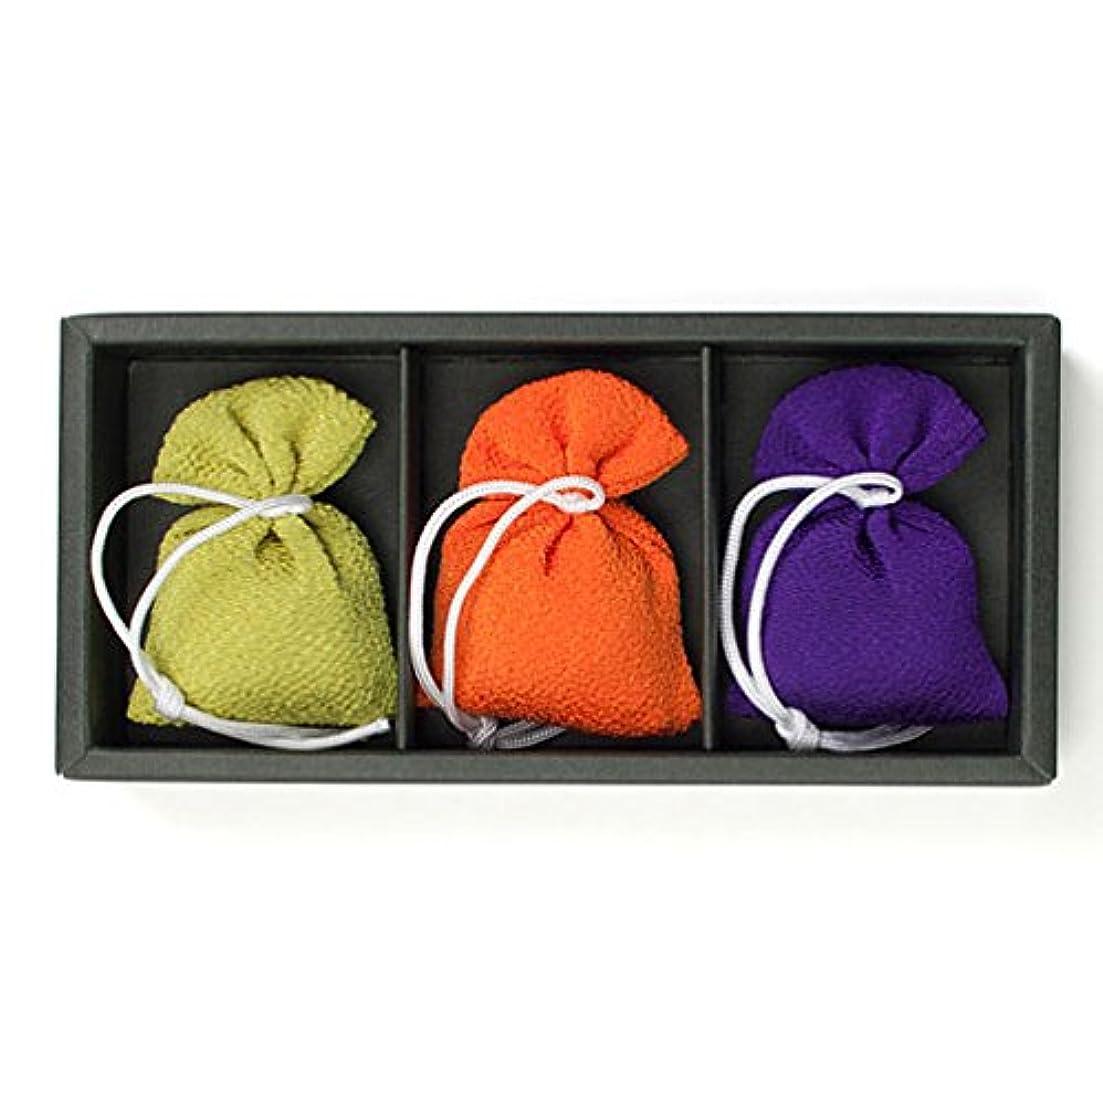 冷淡なモットー効率的に匂い袋 誰が袖 上品(無地) (色はおまかせ) 3個入 松栄堂 Shoyeido